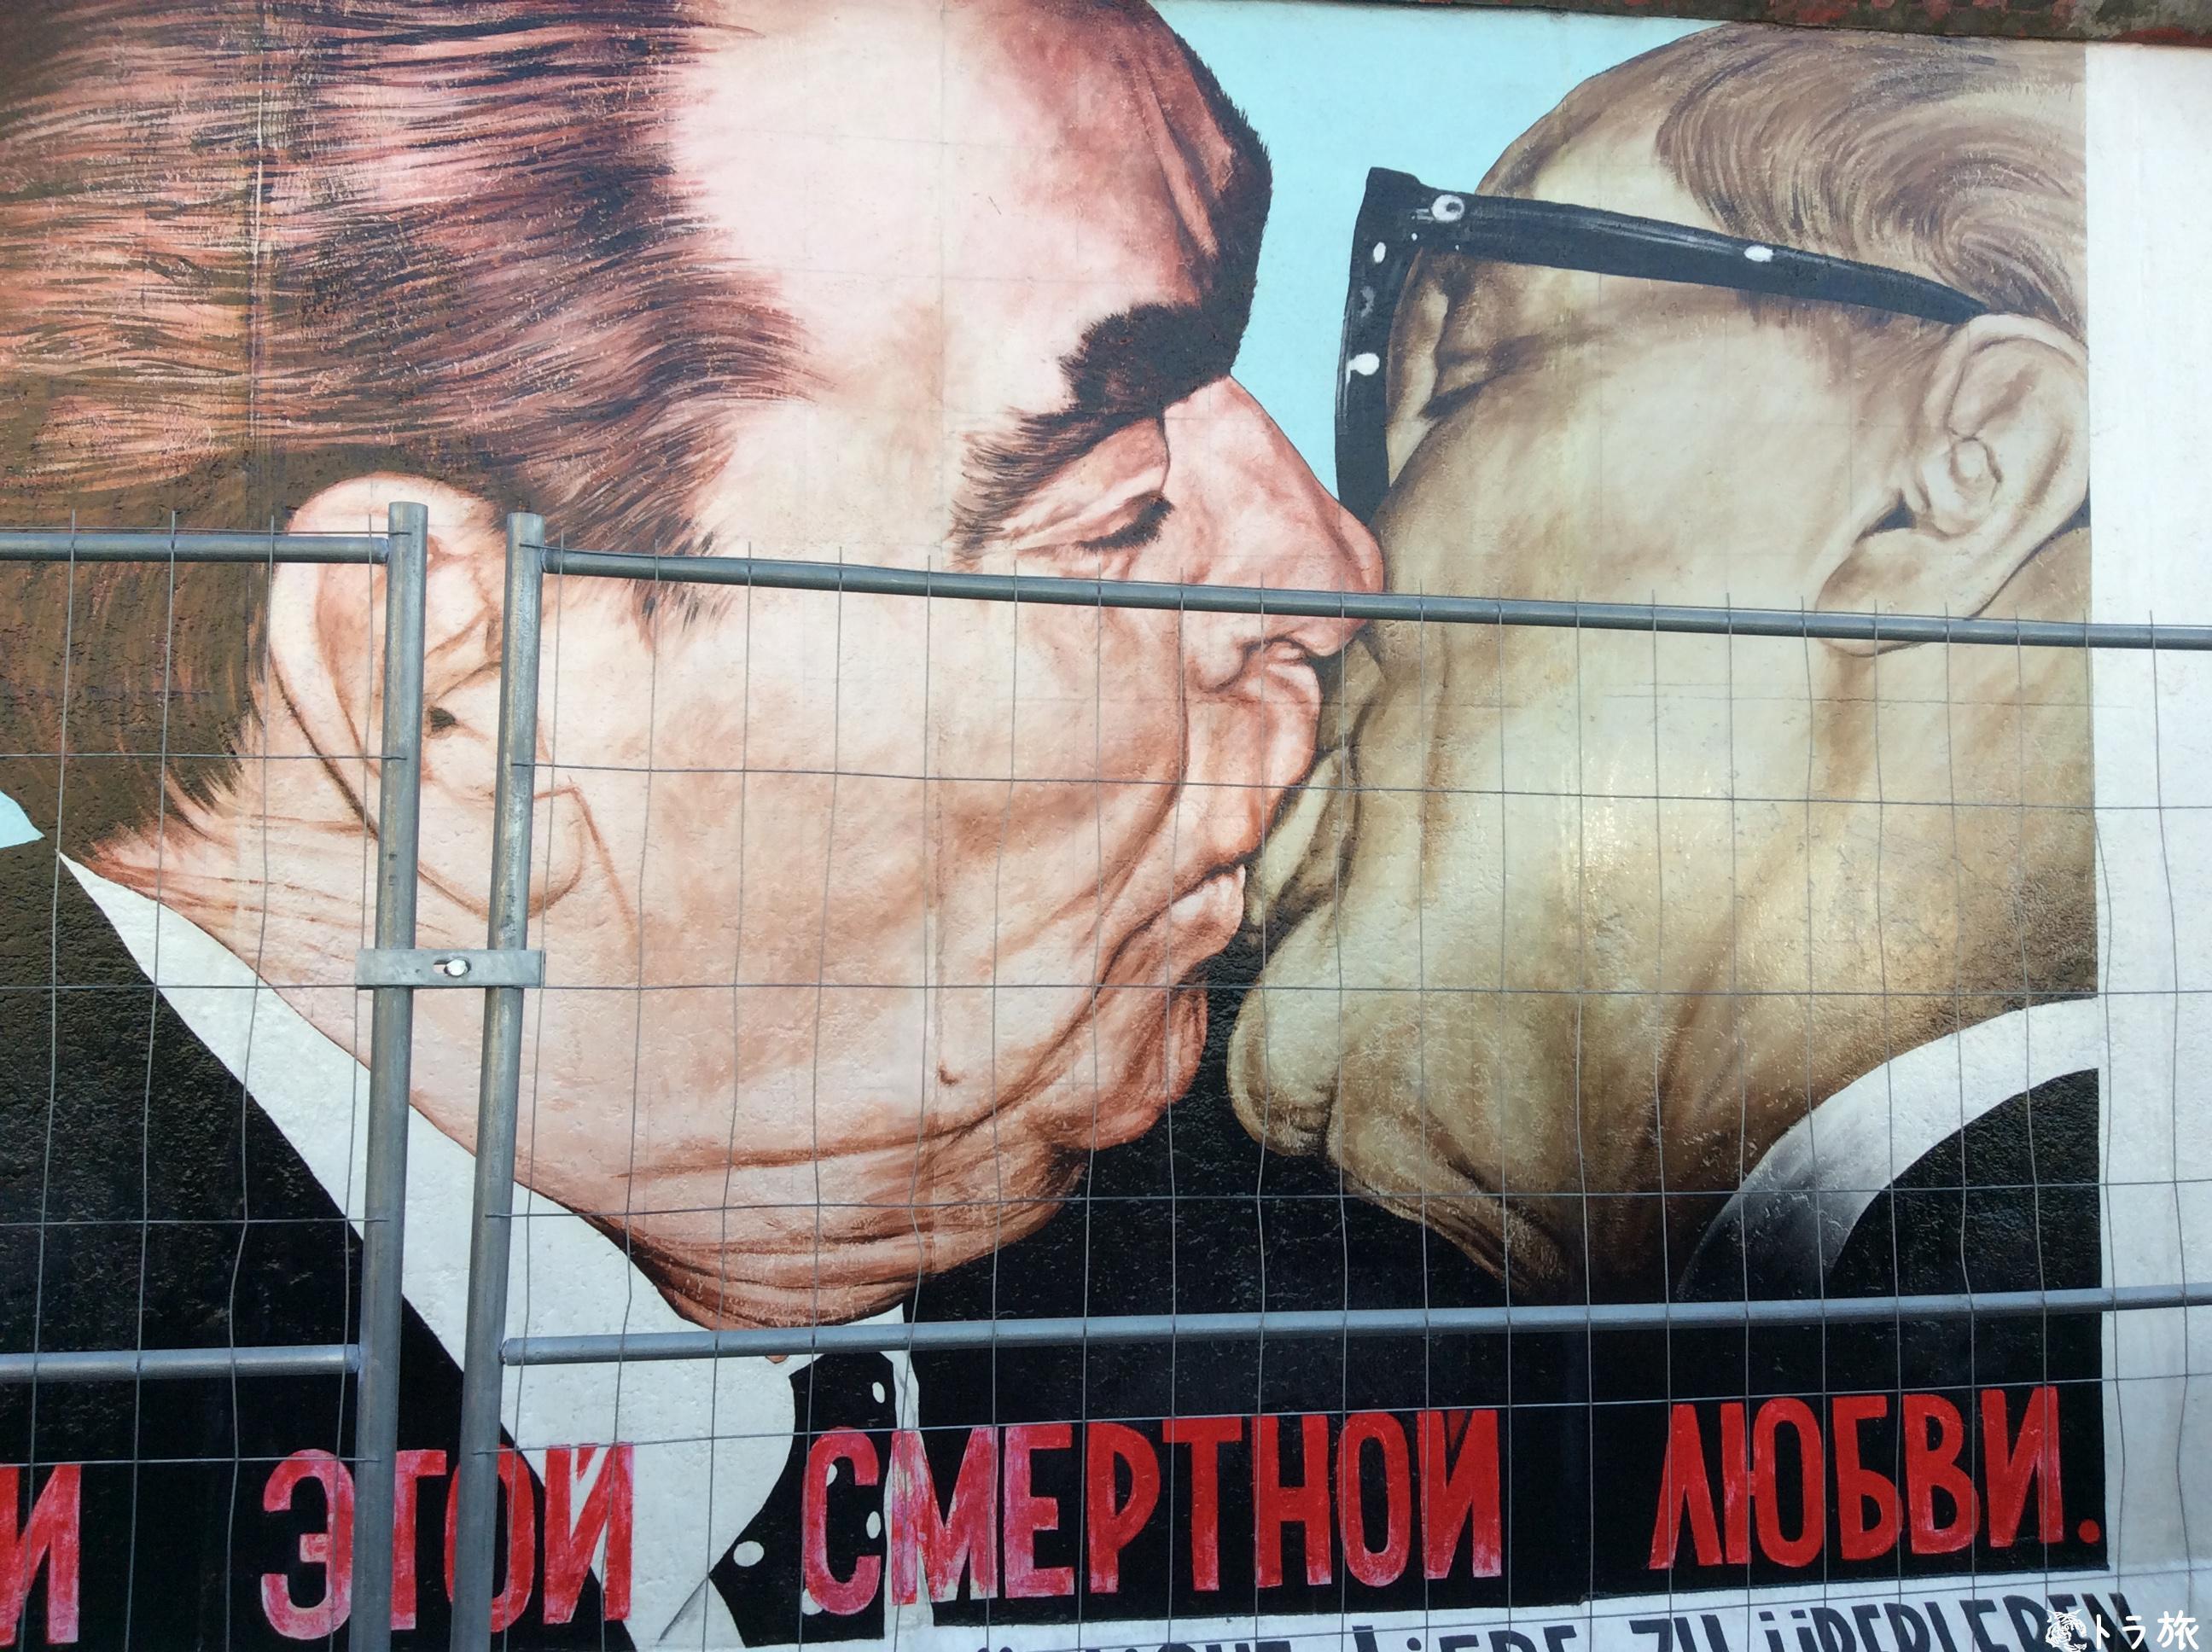 濃厚なキスシーンがベルリンの壁に書かれている!?